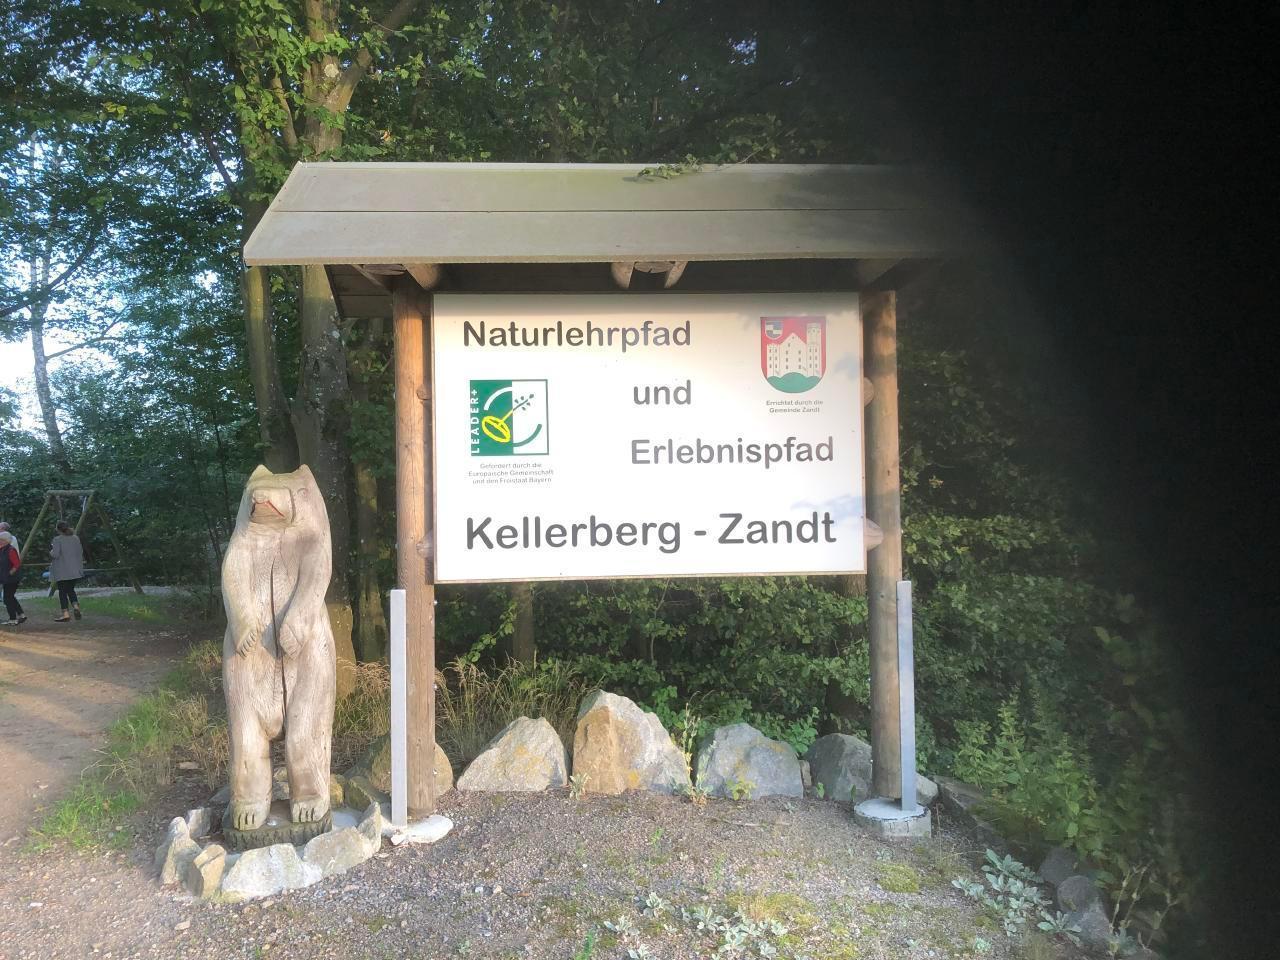 Ferienhaus am Kellerberg - mit  grossen Garten und herrlicher Aussicht, Kaminofen, Haustiere willkomm (337961), Zandt, Bayerischer Wald, Bayern, Deutschland, Bild 19